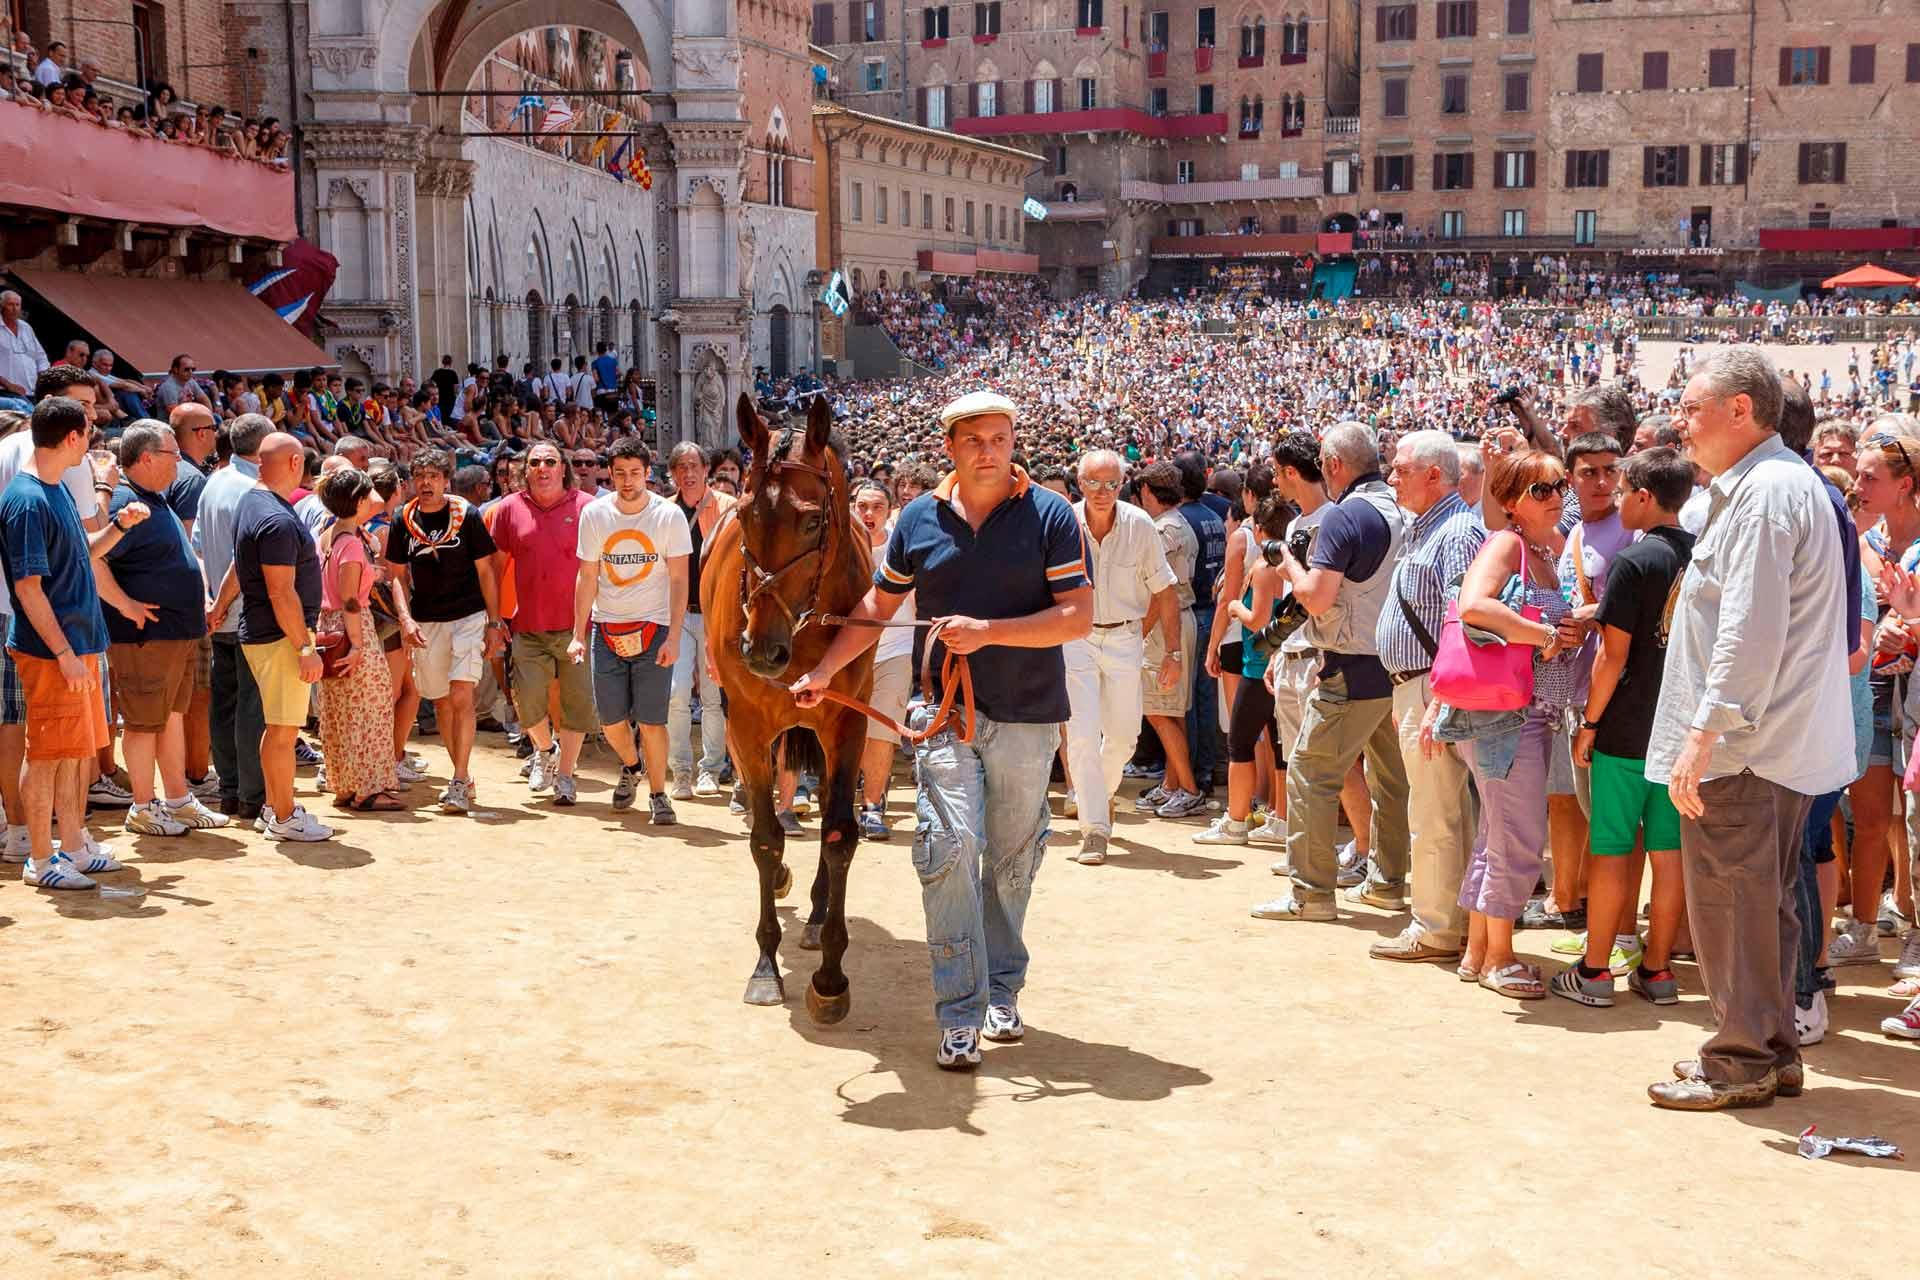 IL SORTEGGIO - Una volta ricevuto il cavallo sorteggiato, la Contrada, tramite il proprio Barbaresco, lo prende in consegna fino a palio corso. Il cavallo non potrà essere sostituito per nessun motivo.